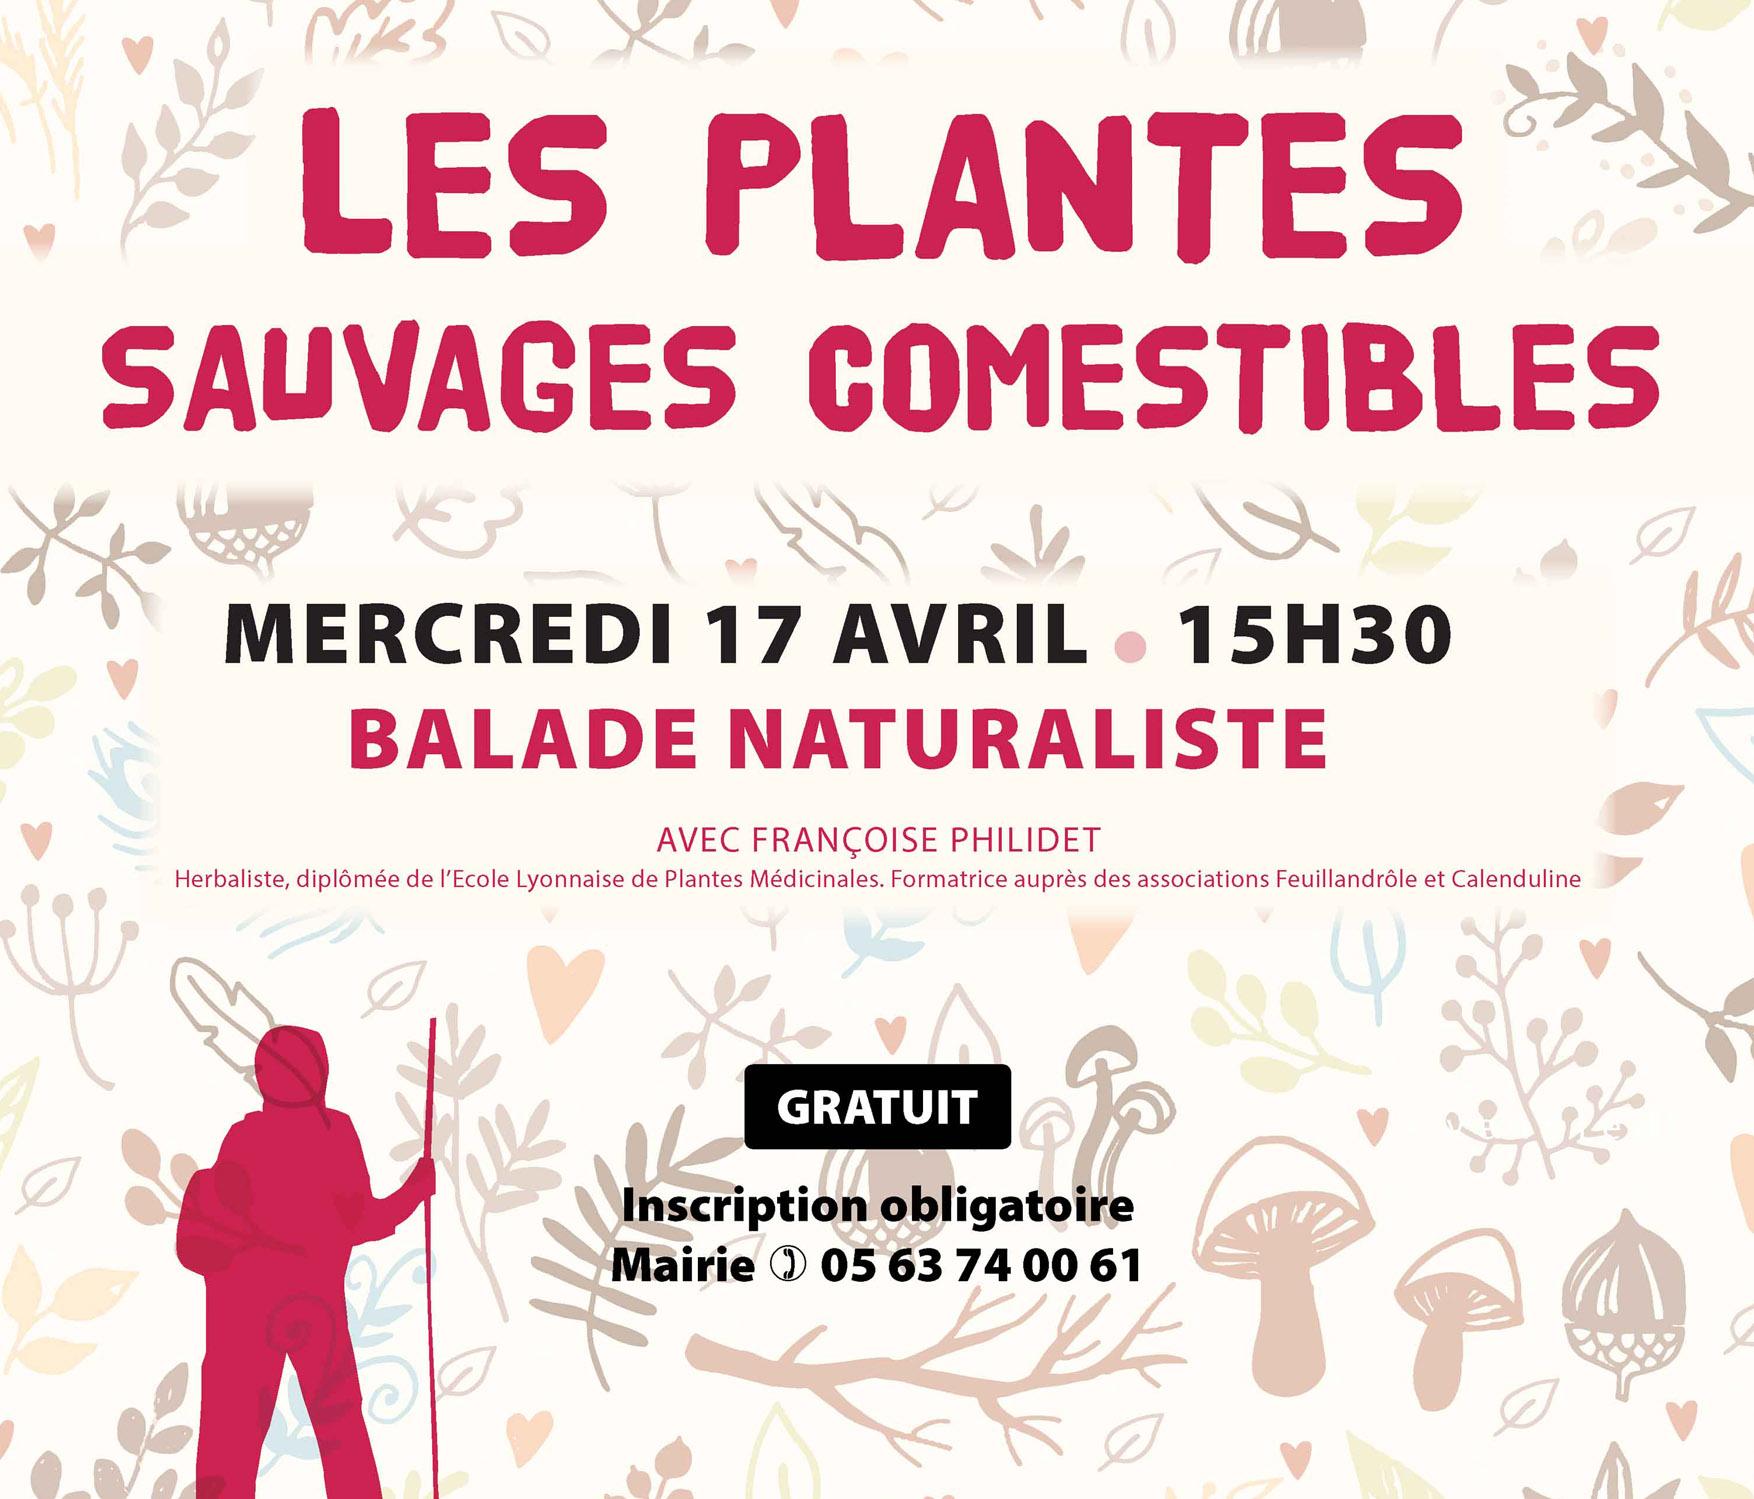 Vignette Balade naturaliste plantes sauvages comestibles à Biot (81) organisée par le Pnr Haut-Languedoc